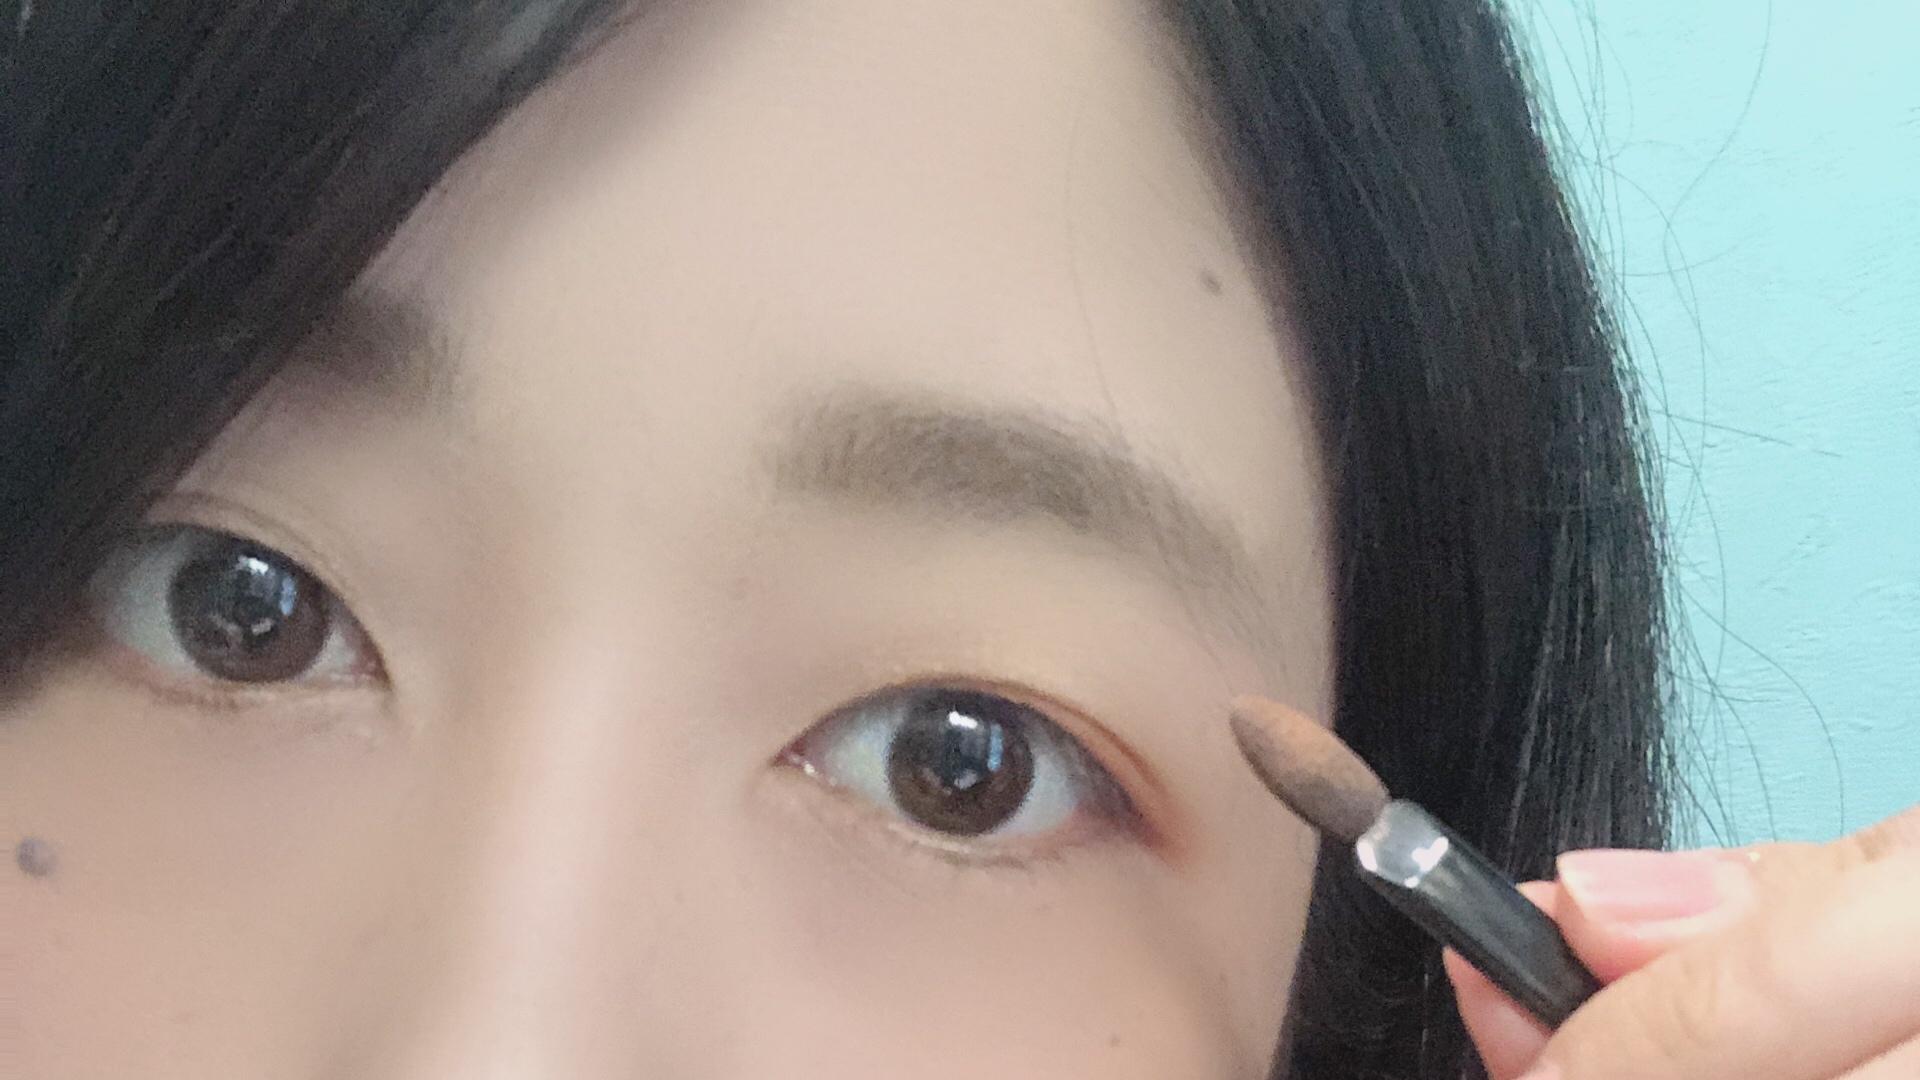 実践!白石麻衣ちゃんオレンジブラウンアイメイク術_4